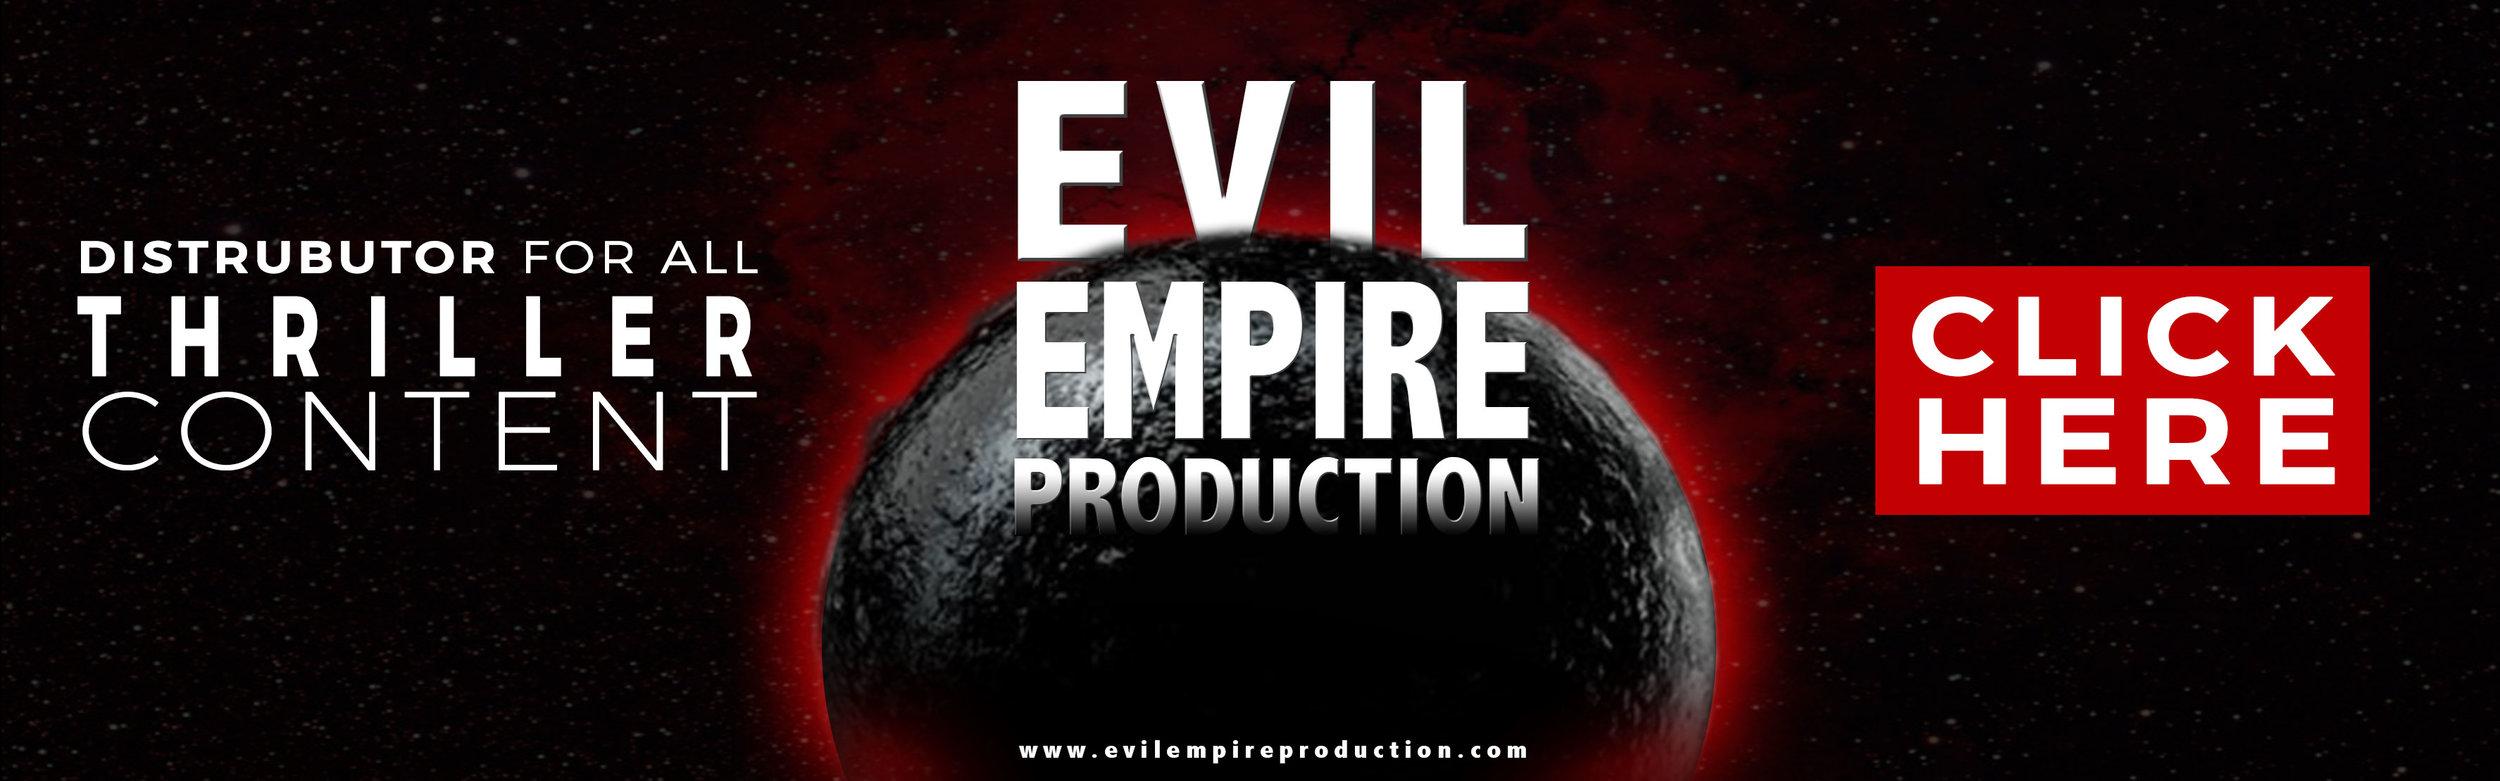 EEP-AD-thriller-wide-banner.jpg